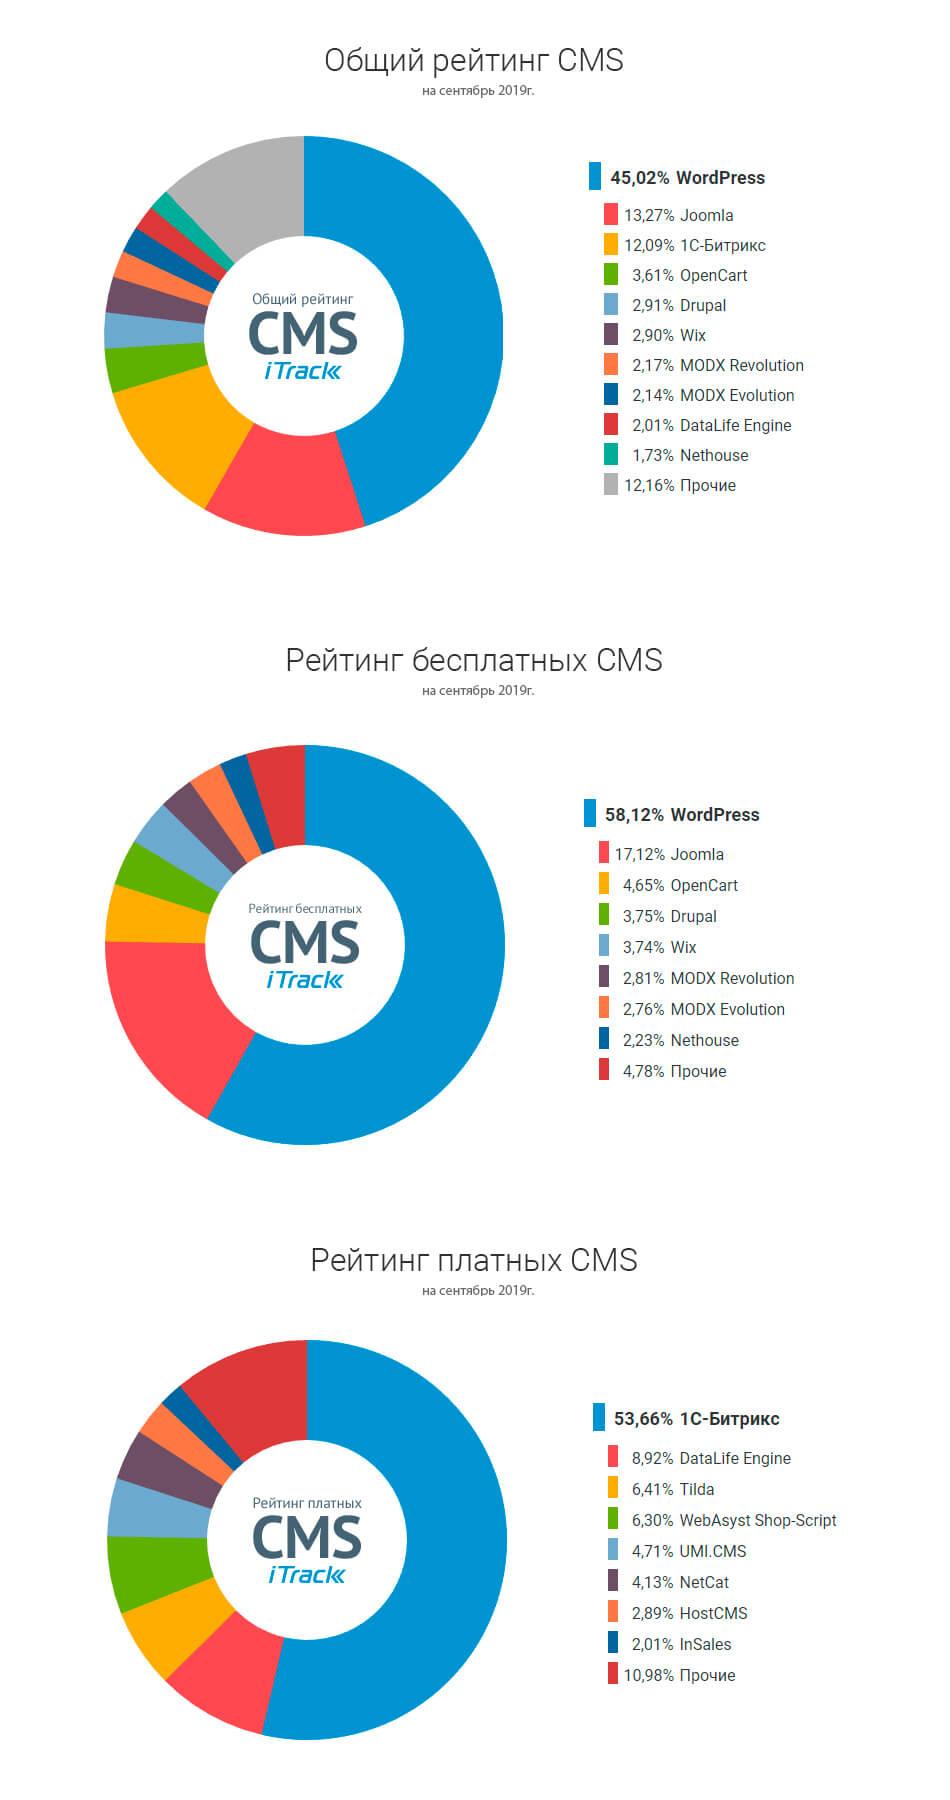 Рейтинг CMS на сентябрь 2019г